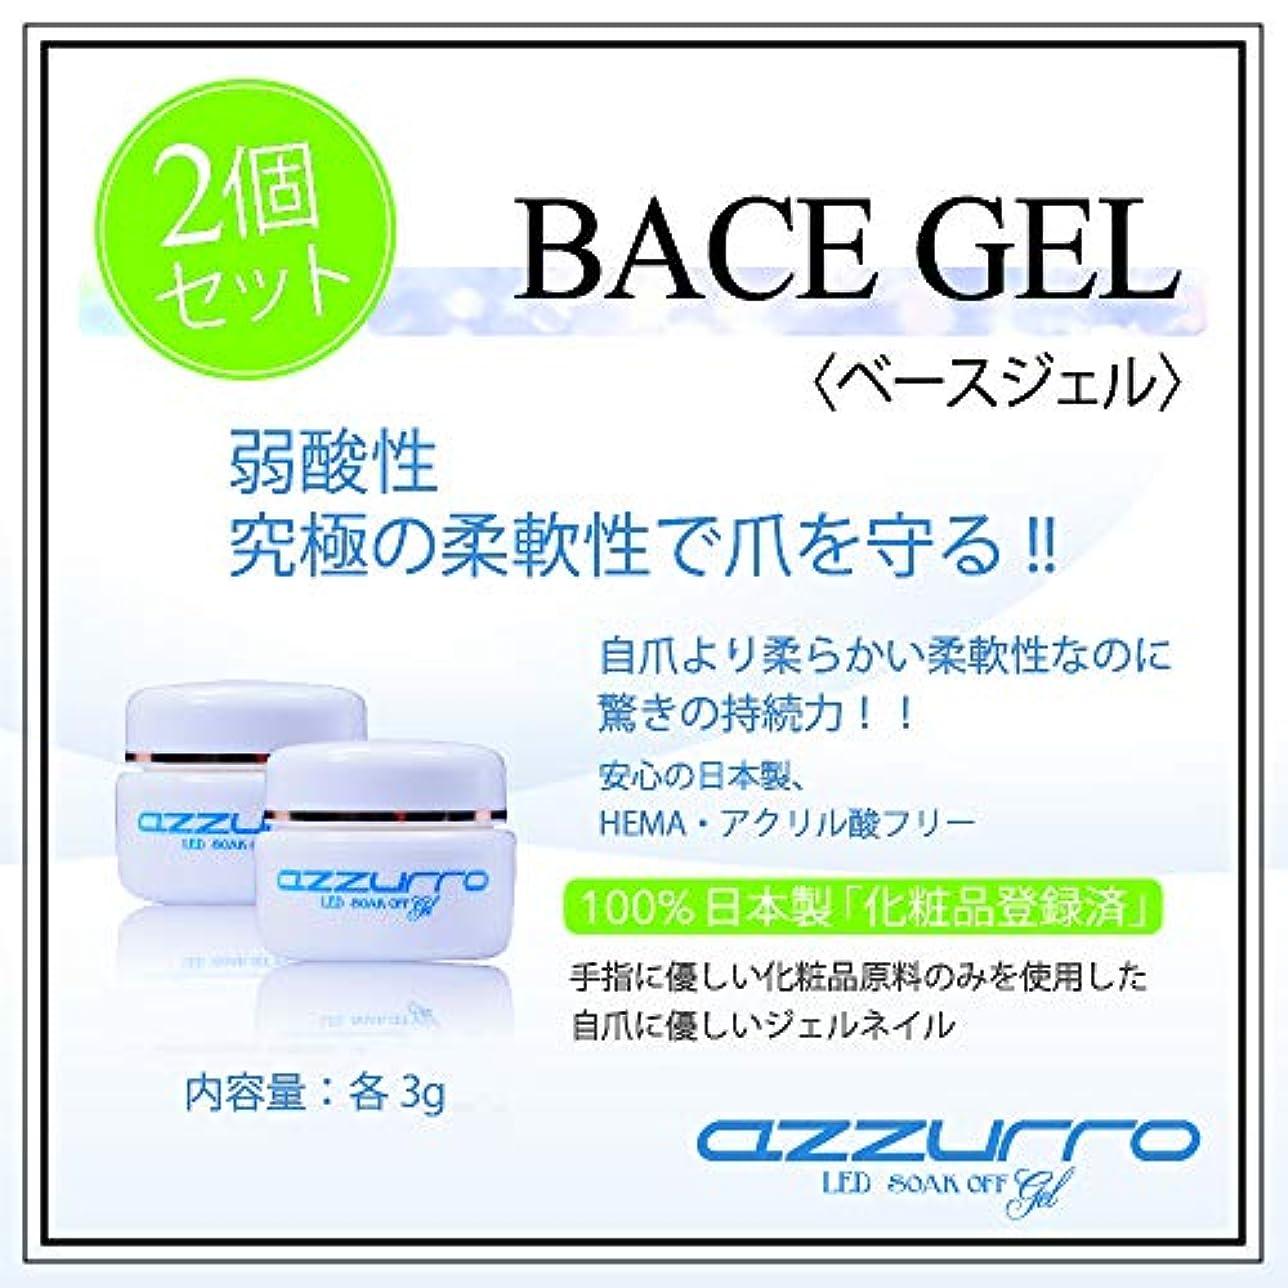 専ら突っ込む嫌いazzurro gel アッズーロベースジェル お得な2個セット 爪に優しい 日本製 驚きの密着力 リムーバーでオフも簡単3g